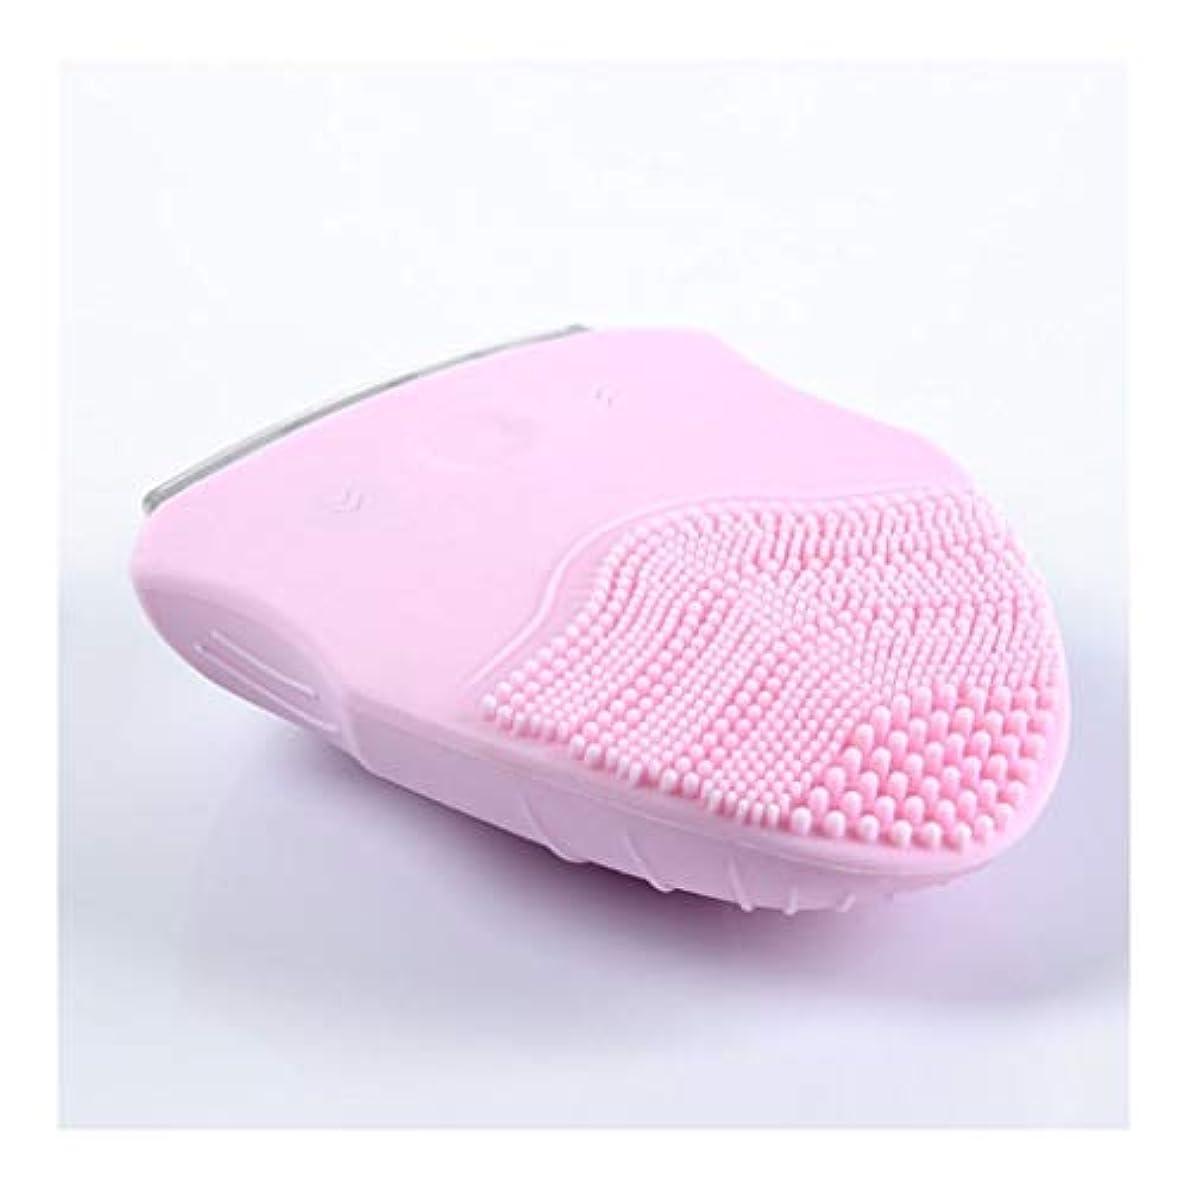 チャネル最終受け入れるソニックバイブレーションフェイシャルクレンジングブラシ、電動ポータブル美容器具ディープクレンジングブラシは、すべての肌タイプのしわ美容ツールを減らします (Color : Pink)